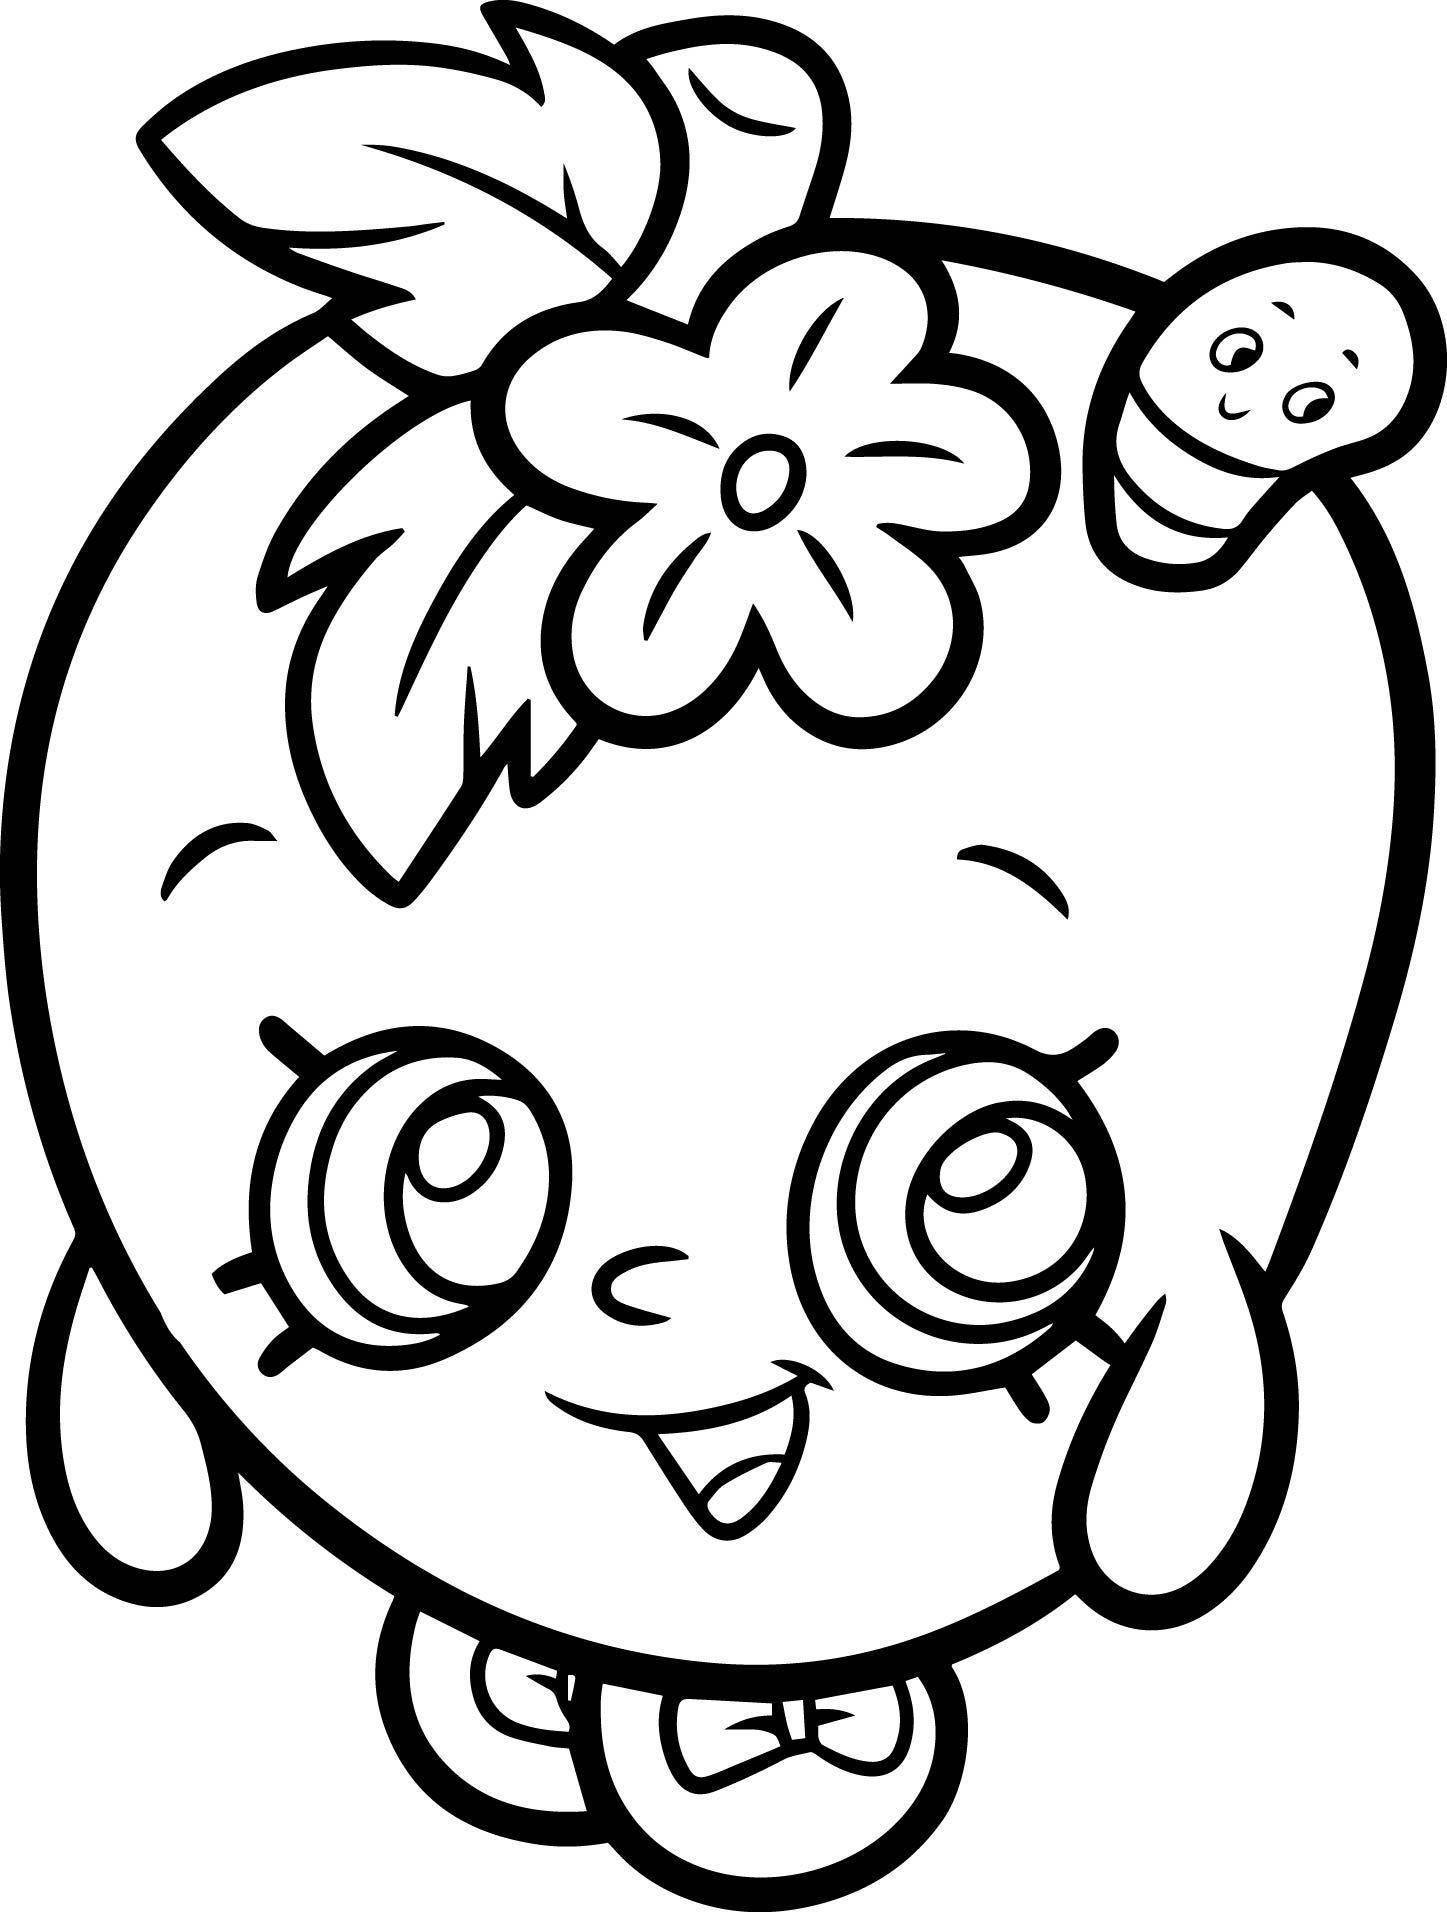 dibujos de shopkins para colorear resultado de imagen para dibujos de shopkins para pintar dibujos shopkins de colorear para